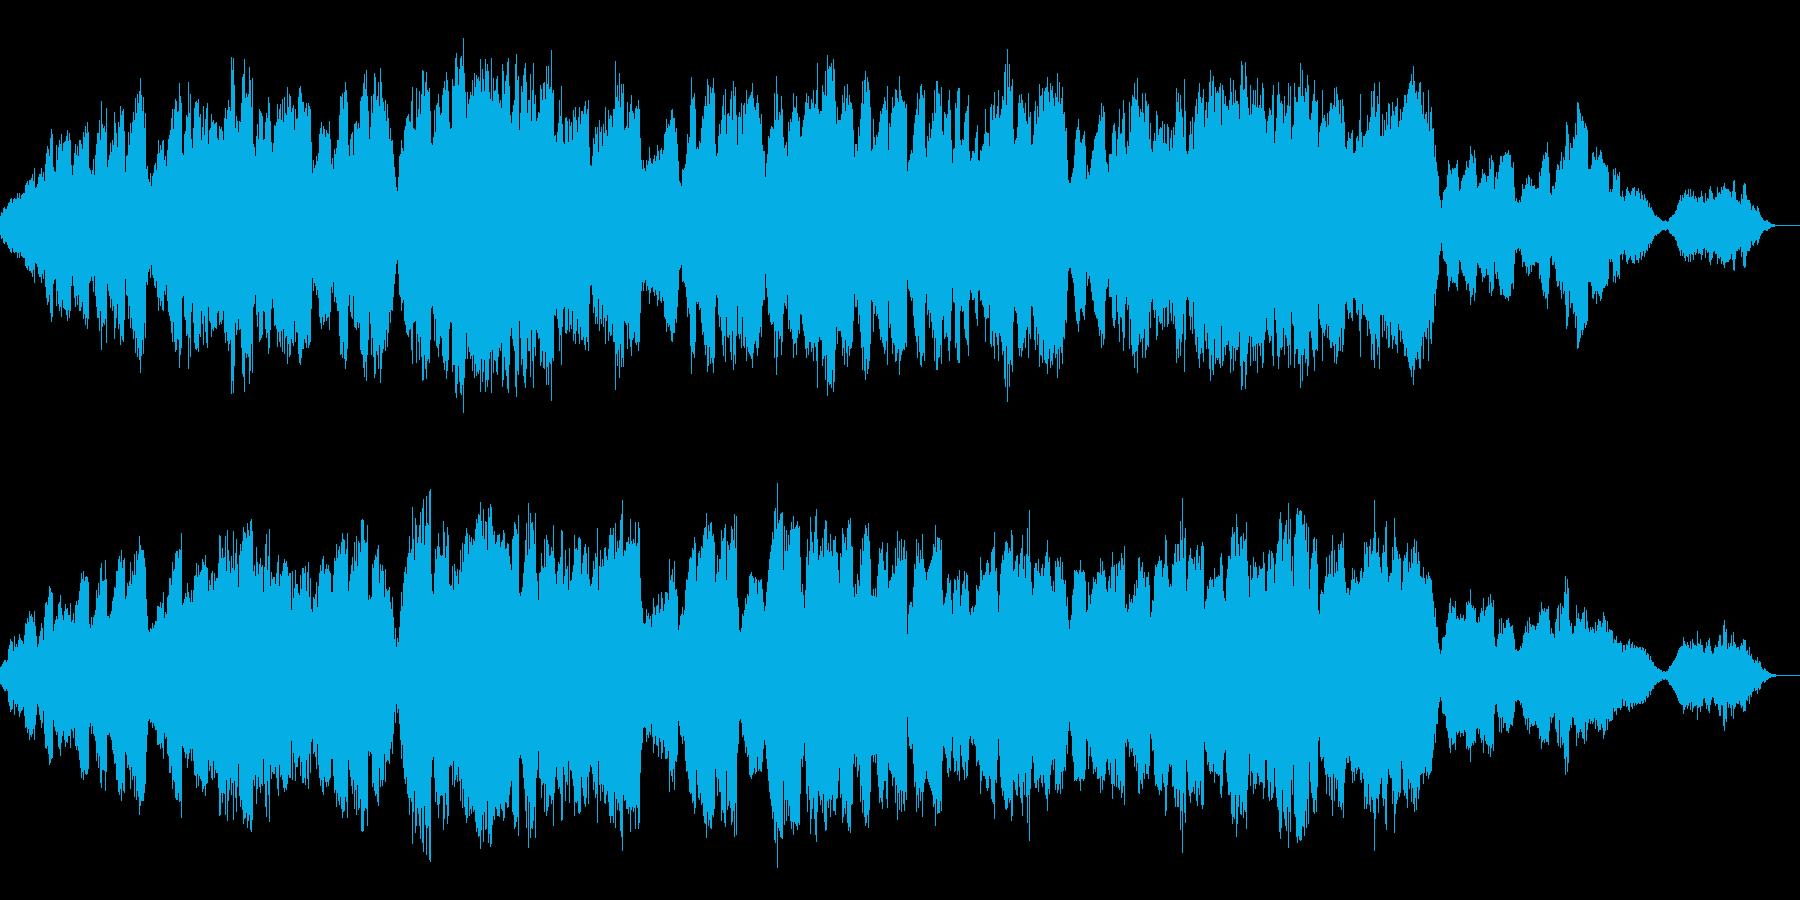 終わりから新しい始まりに バロック風弦楽の再生済みの波形